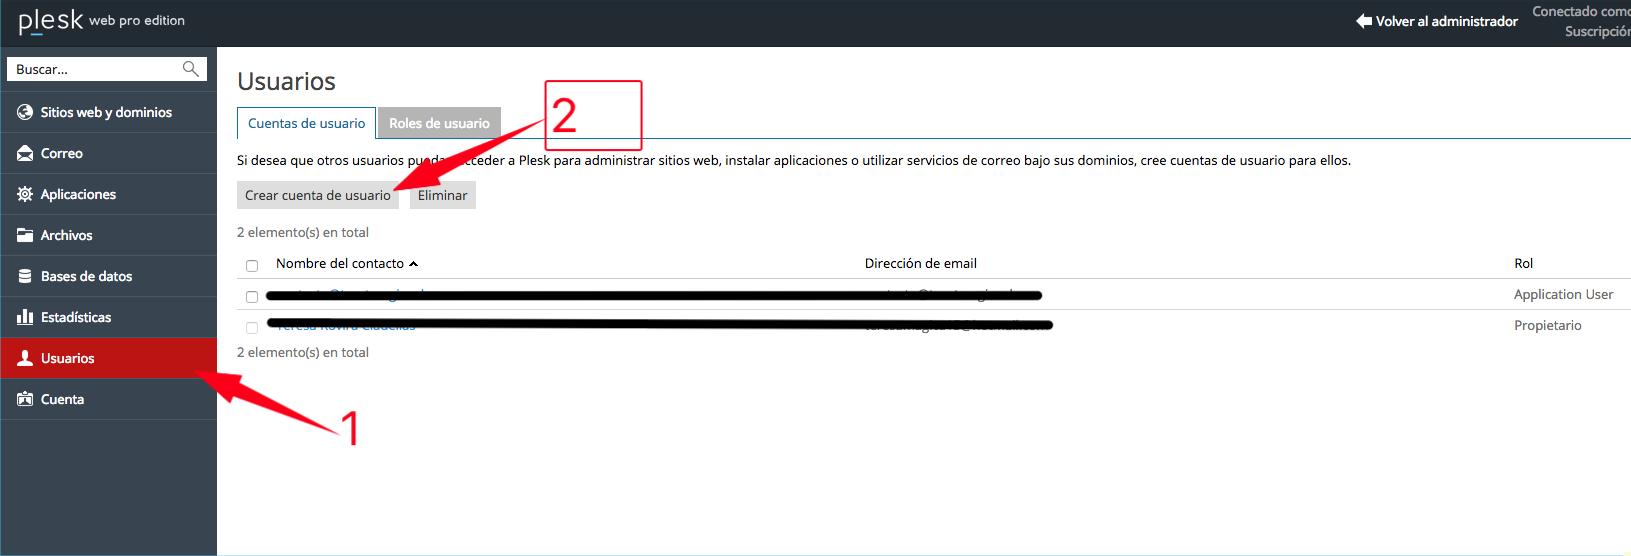 Crear cuenta de usuario en plesk 12.5